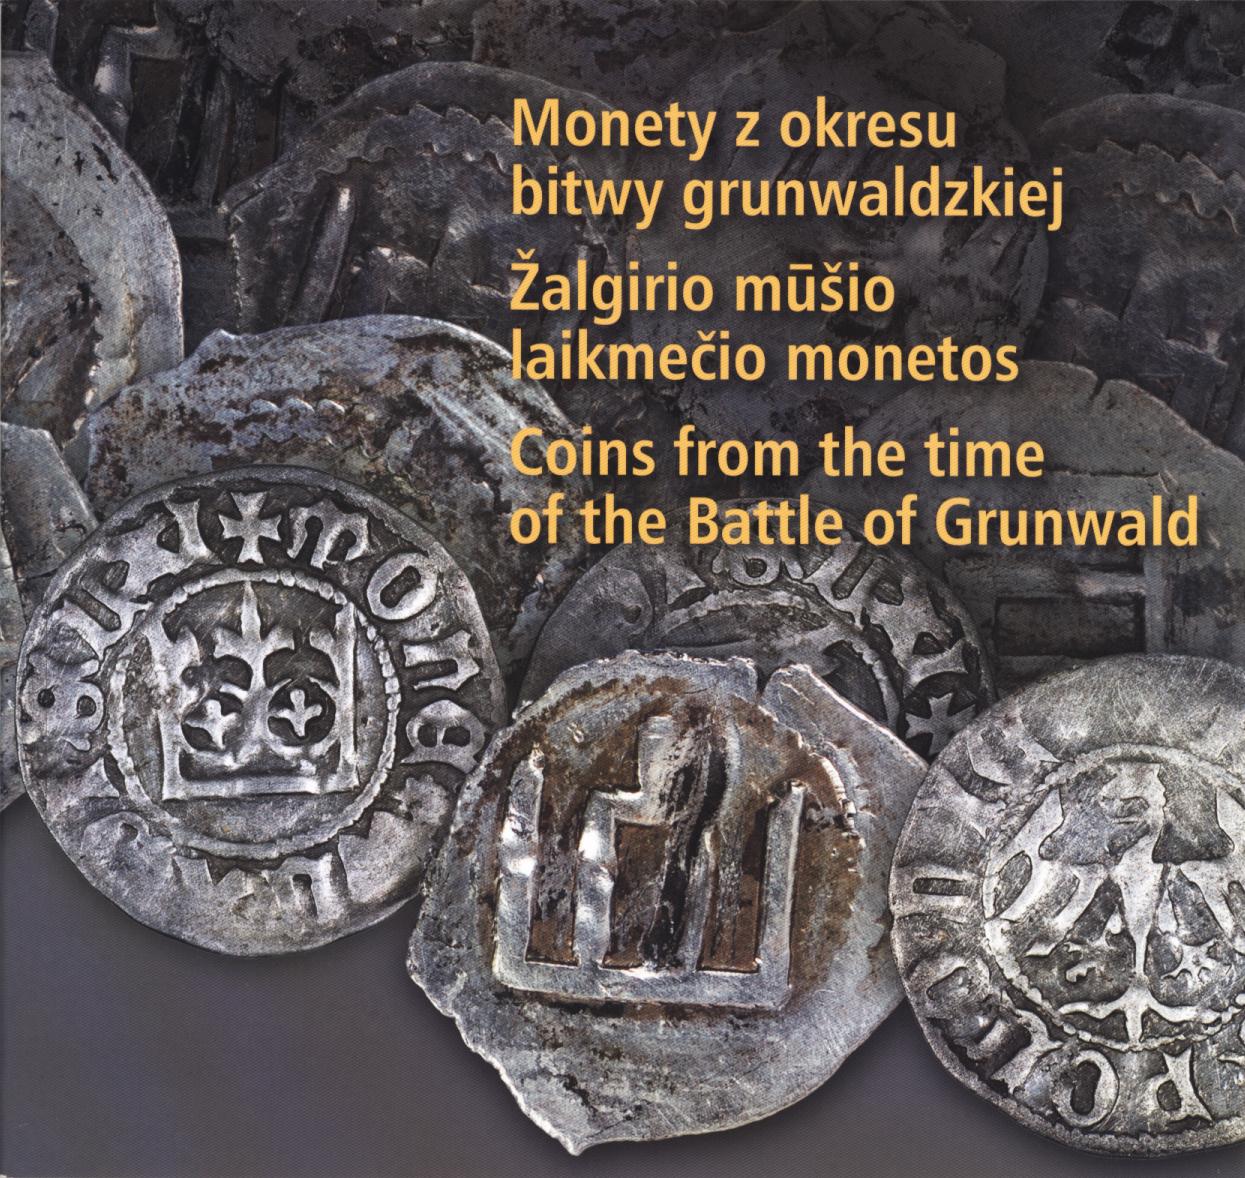 http://m.wmwm.pl/2016/02/orig/monety-z-okresu-bitwy-grunwaldzkiej-5022.jpg